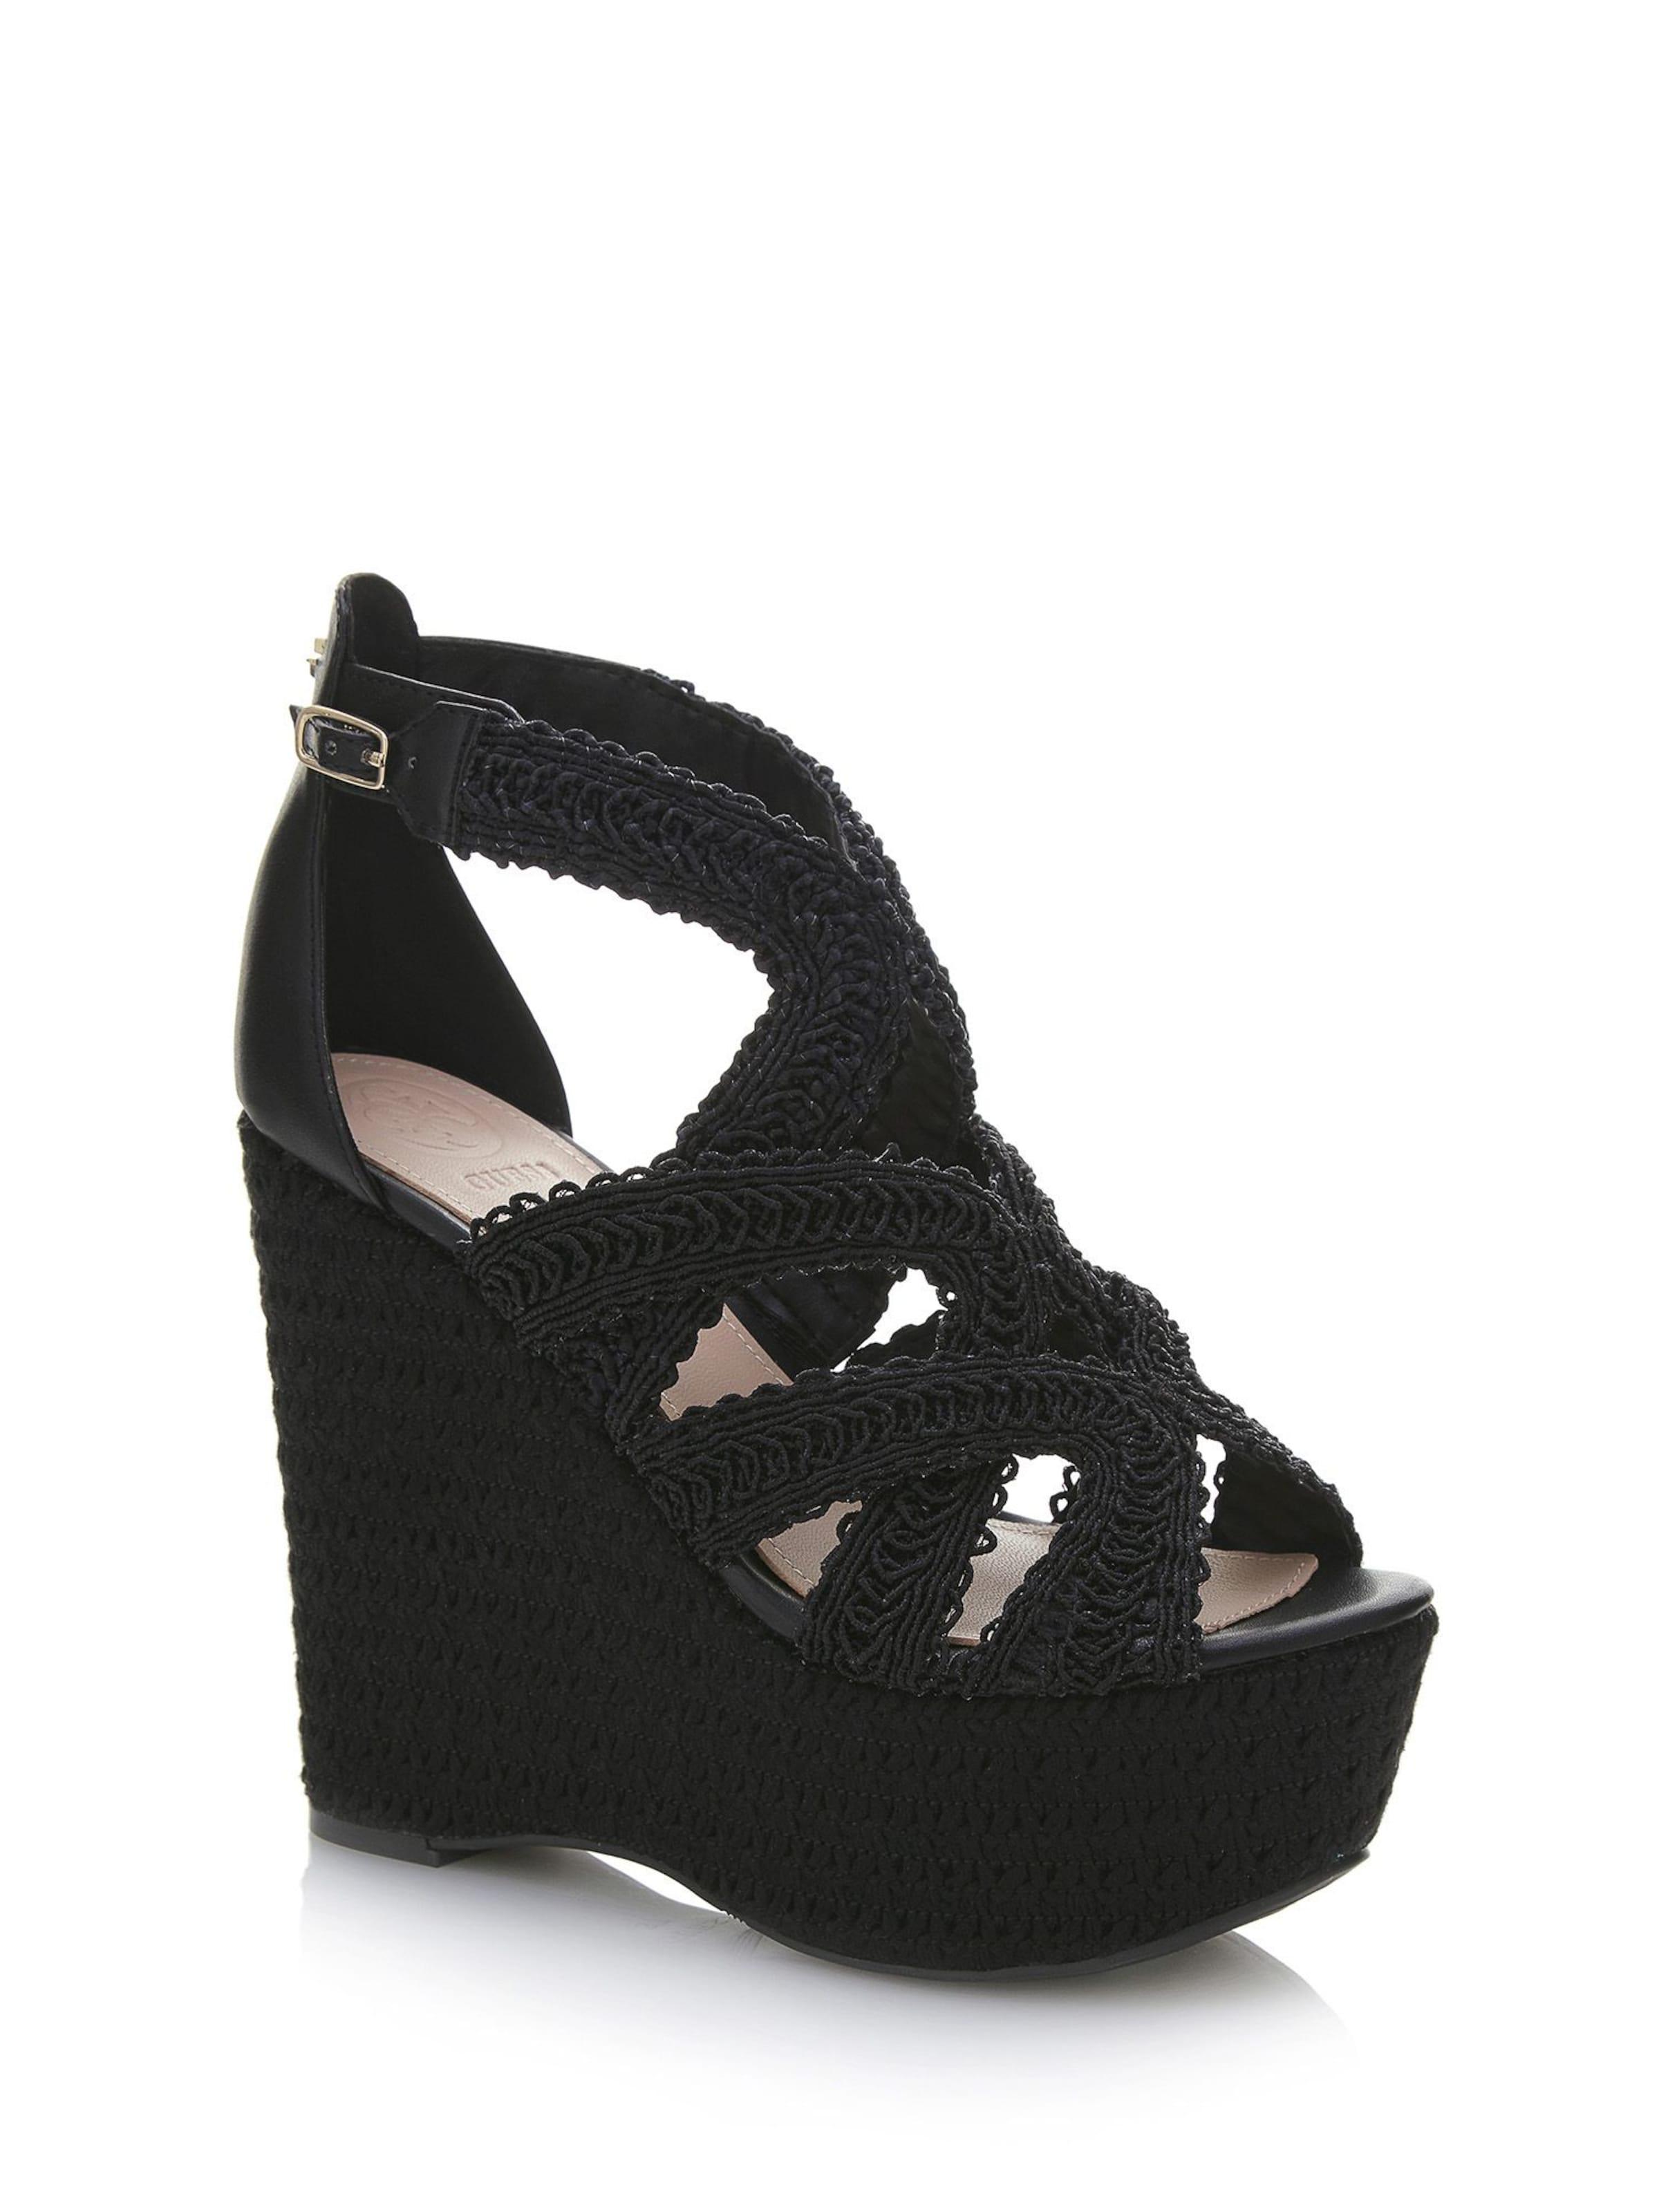 Haltbare Mode billige Schuhe Schuhe GUESS | Wedges 'EDETTA' Schuhe Schuhe Gut getragene Schuhe 2c34c1